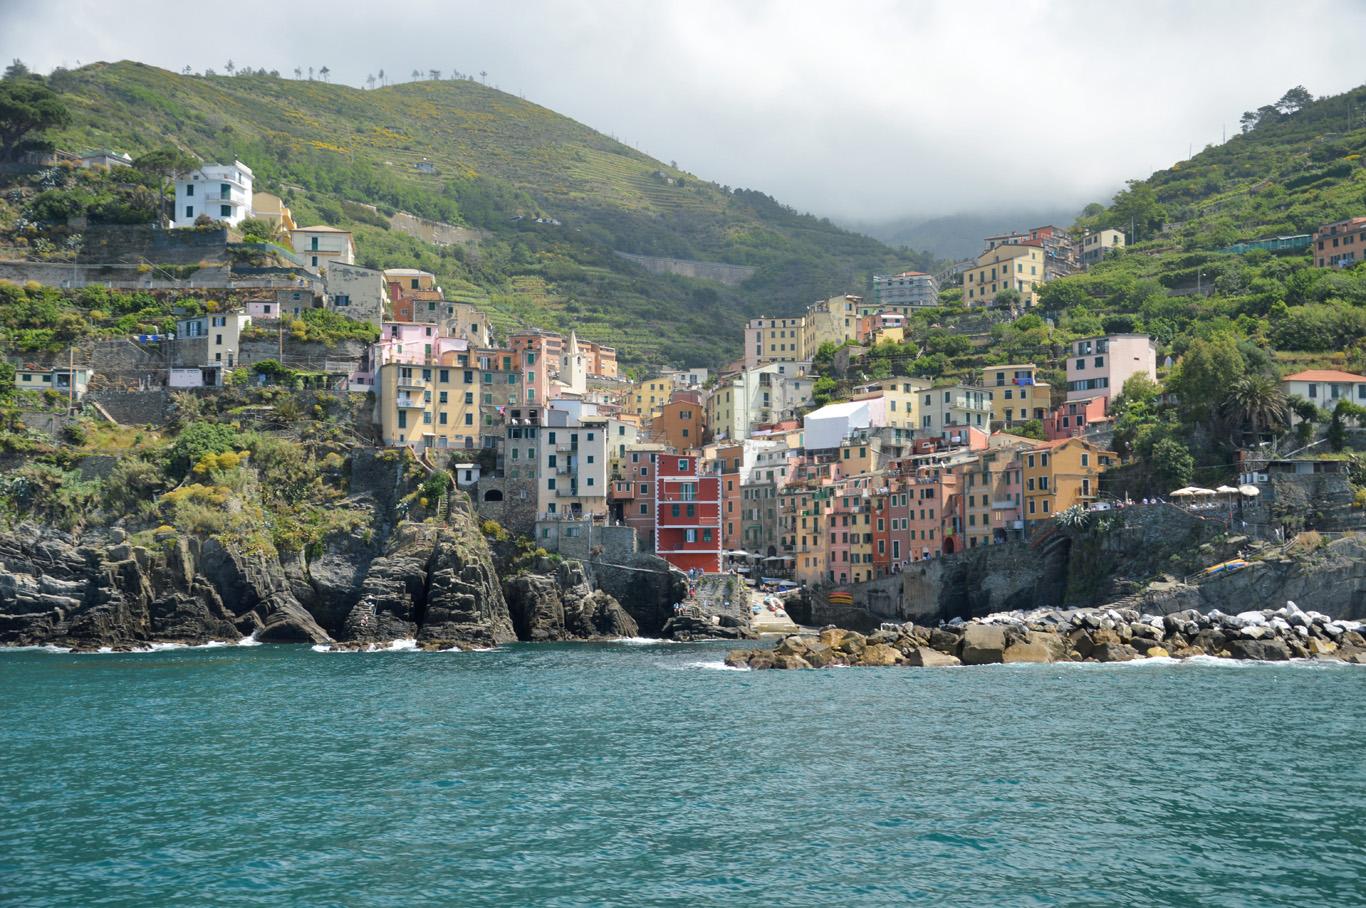 Riomaggiore seen from the boat